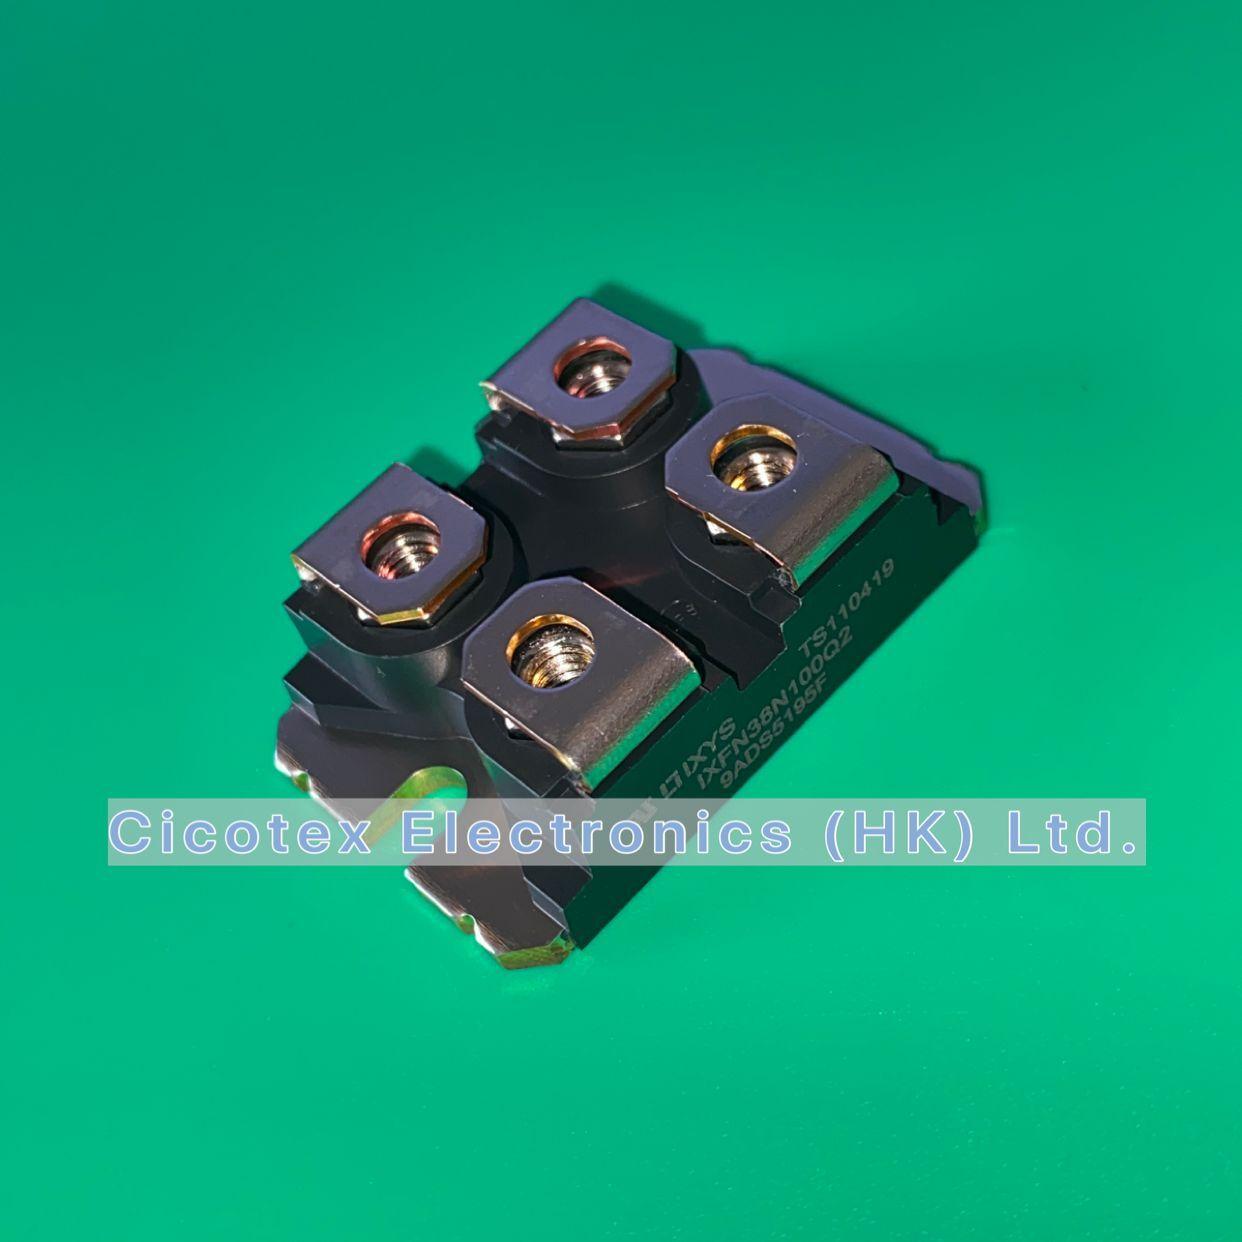 IXFN38N100Q2 SOT227 IXFN38N100 Q2 N-Channel Enhancement Mode Avalanche Rated HiPerFET Power MOSFET IXFN38N 100Q2 IXFN38 N100Q2